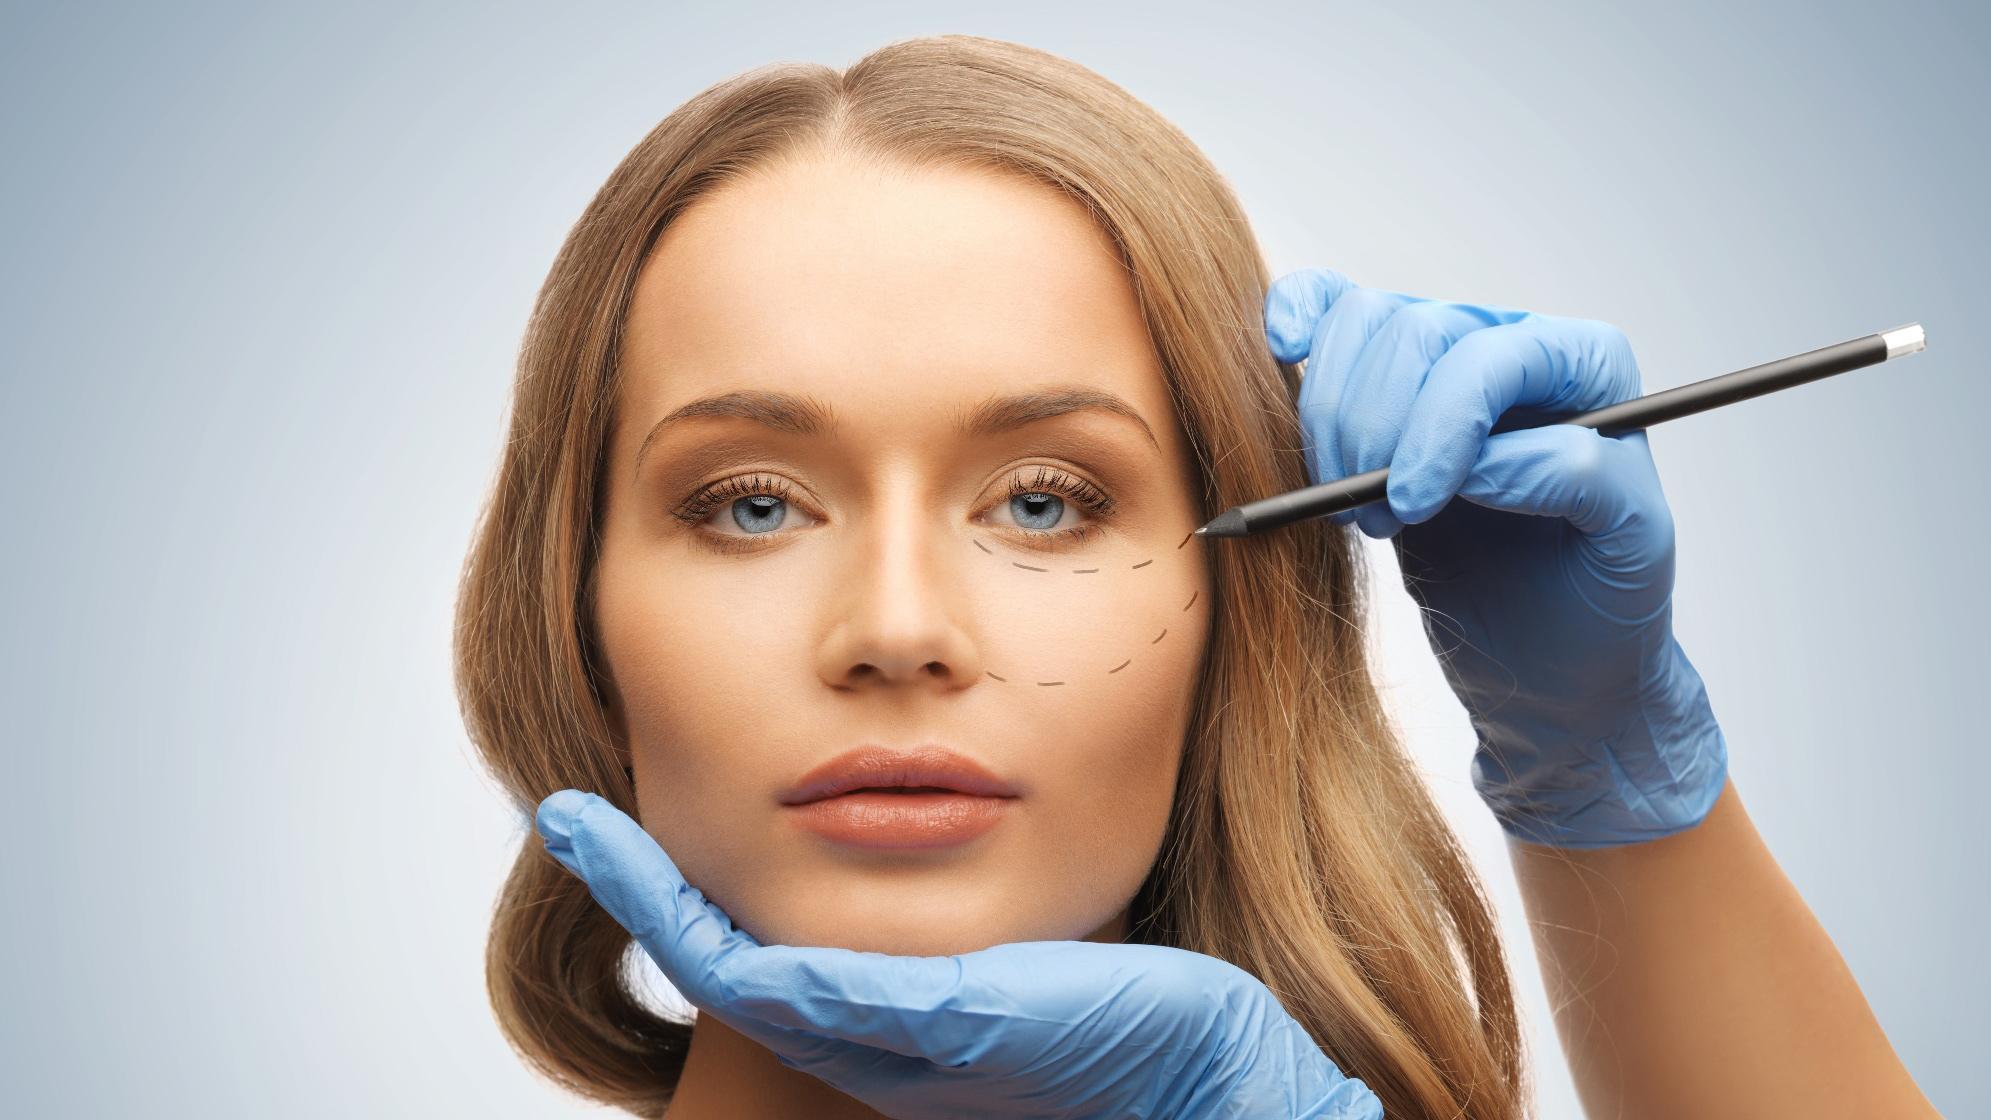 Летнее предложение! Консультация косметолога бесплатно*!